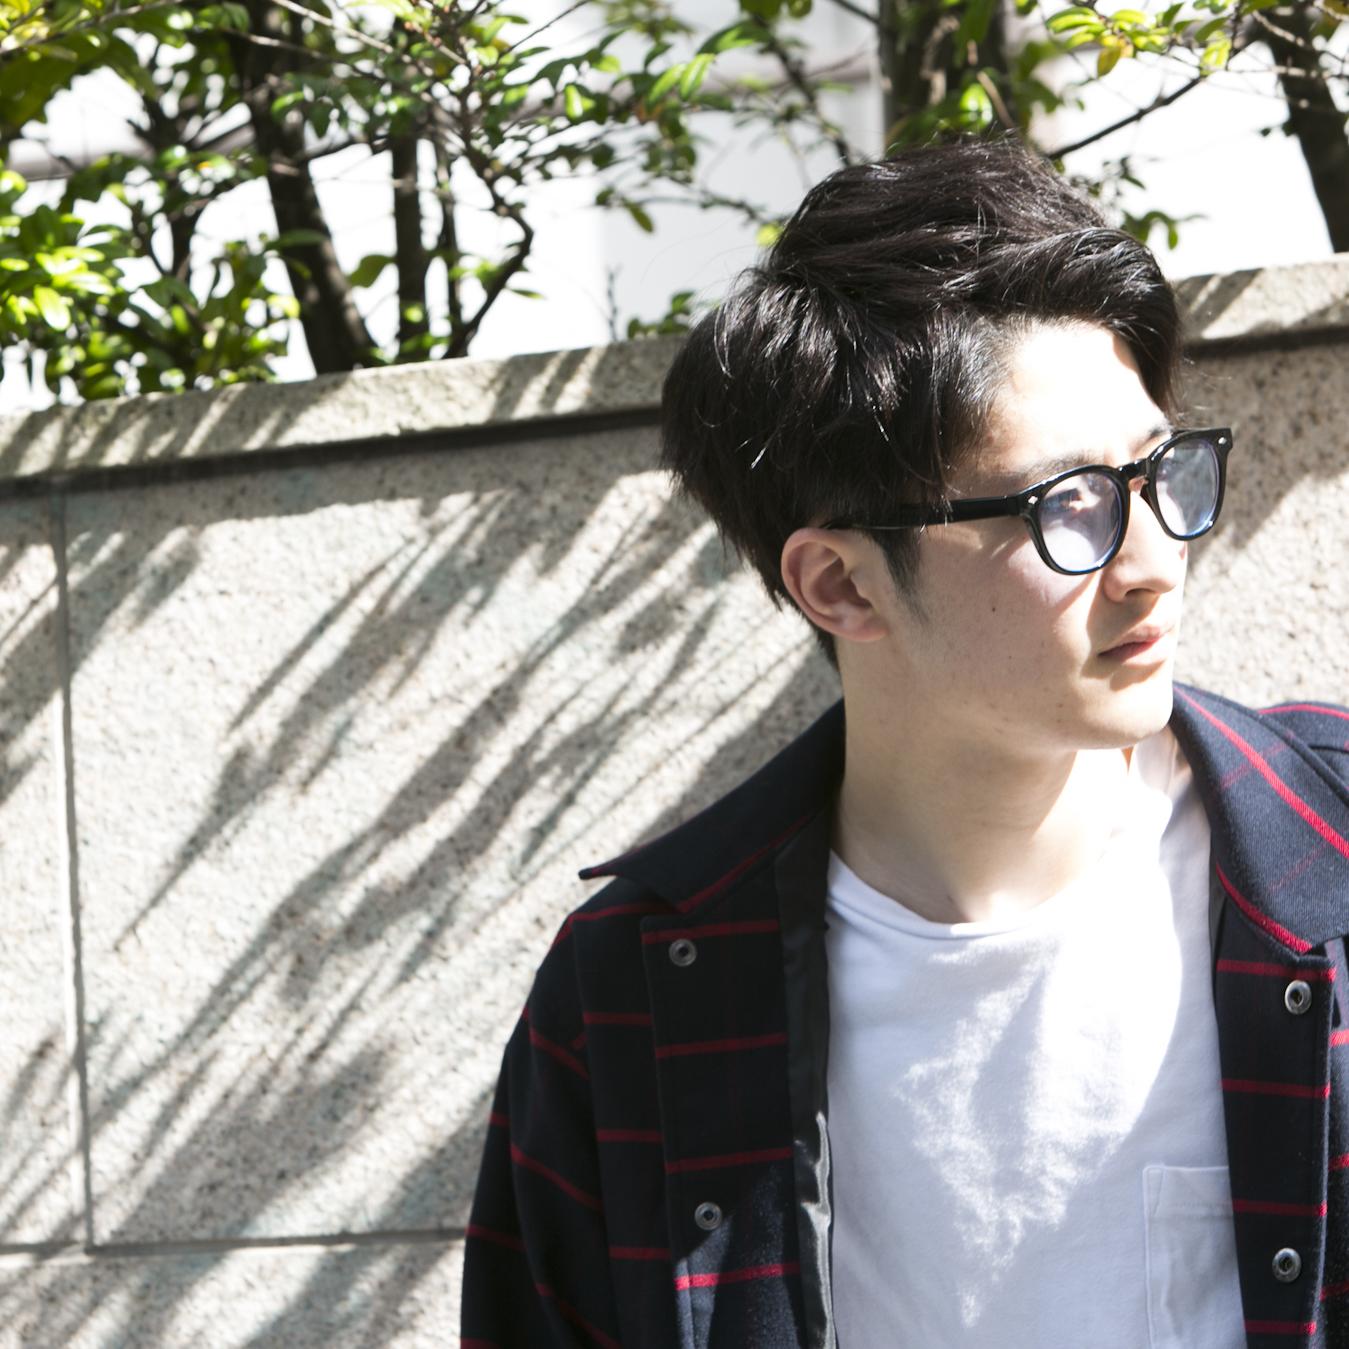 19歳・貴也「高校卒業してすぐ働いて、社会人2年目です」【18-22 SNAP #010】